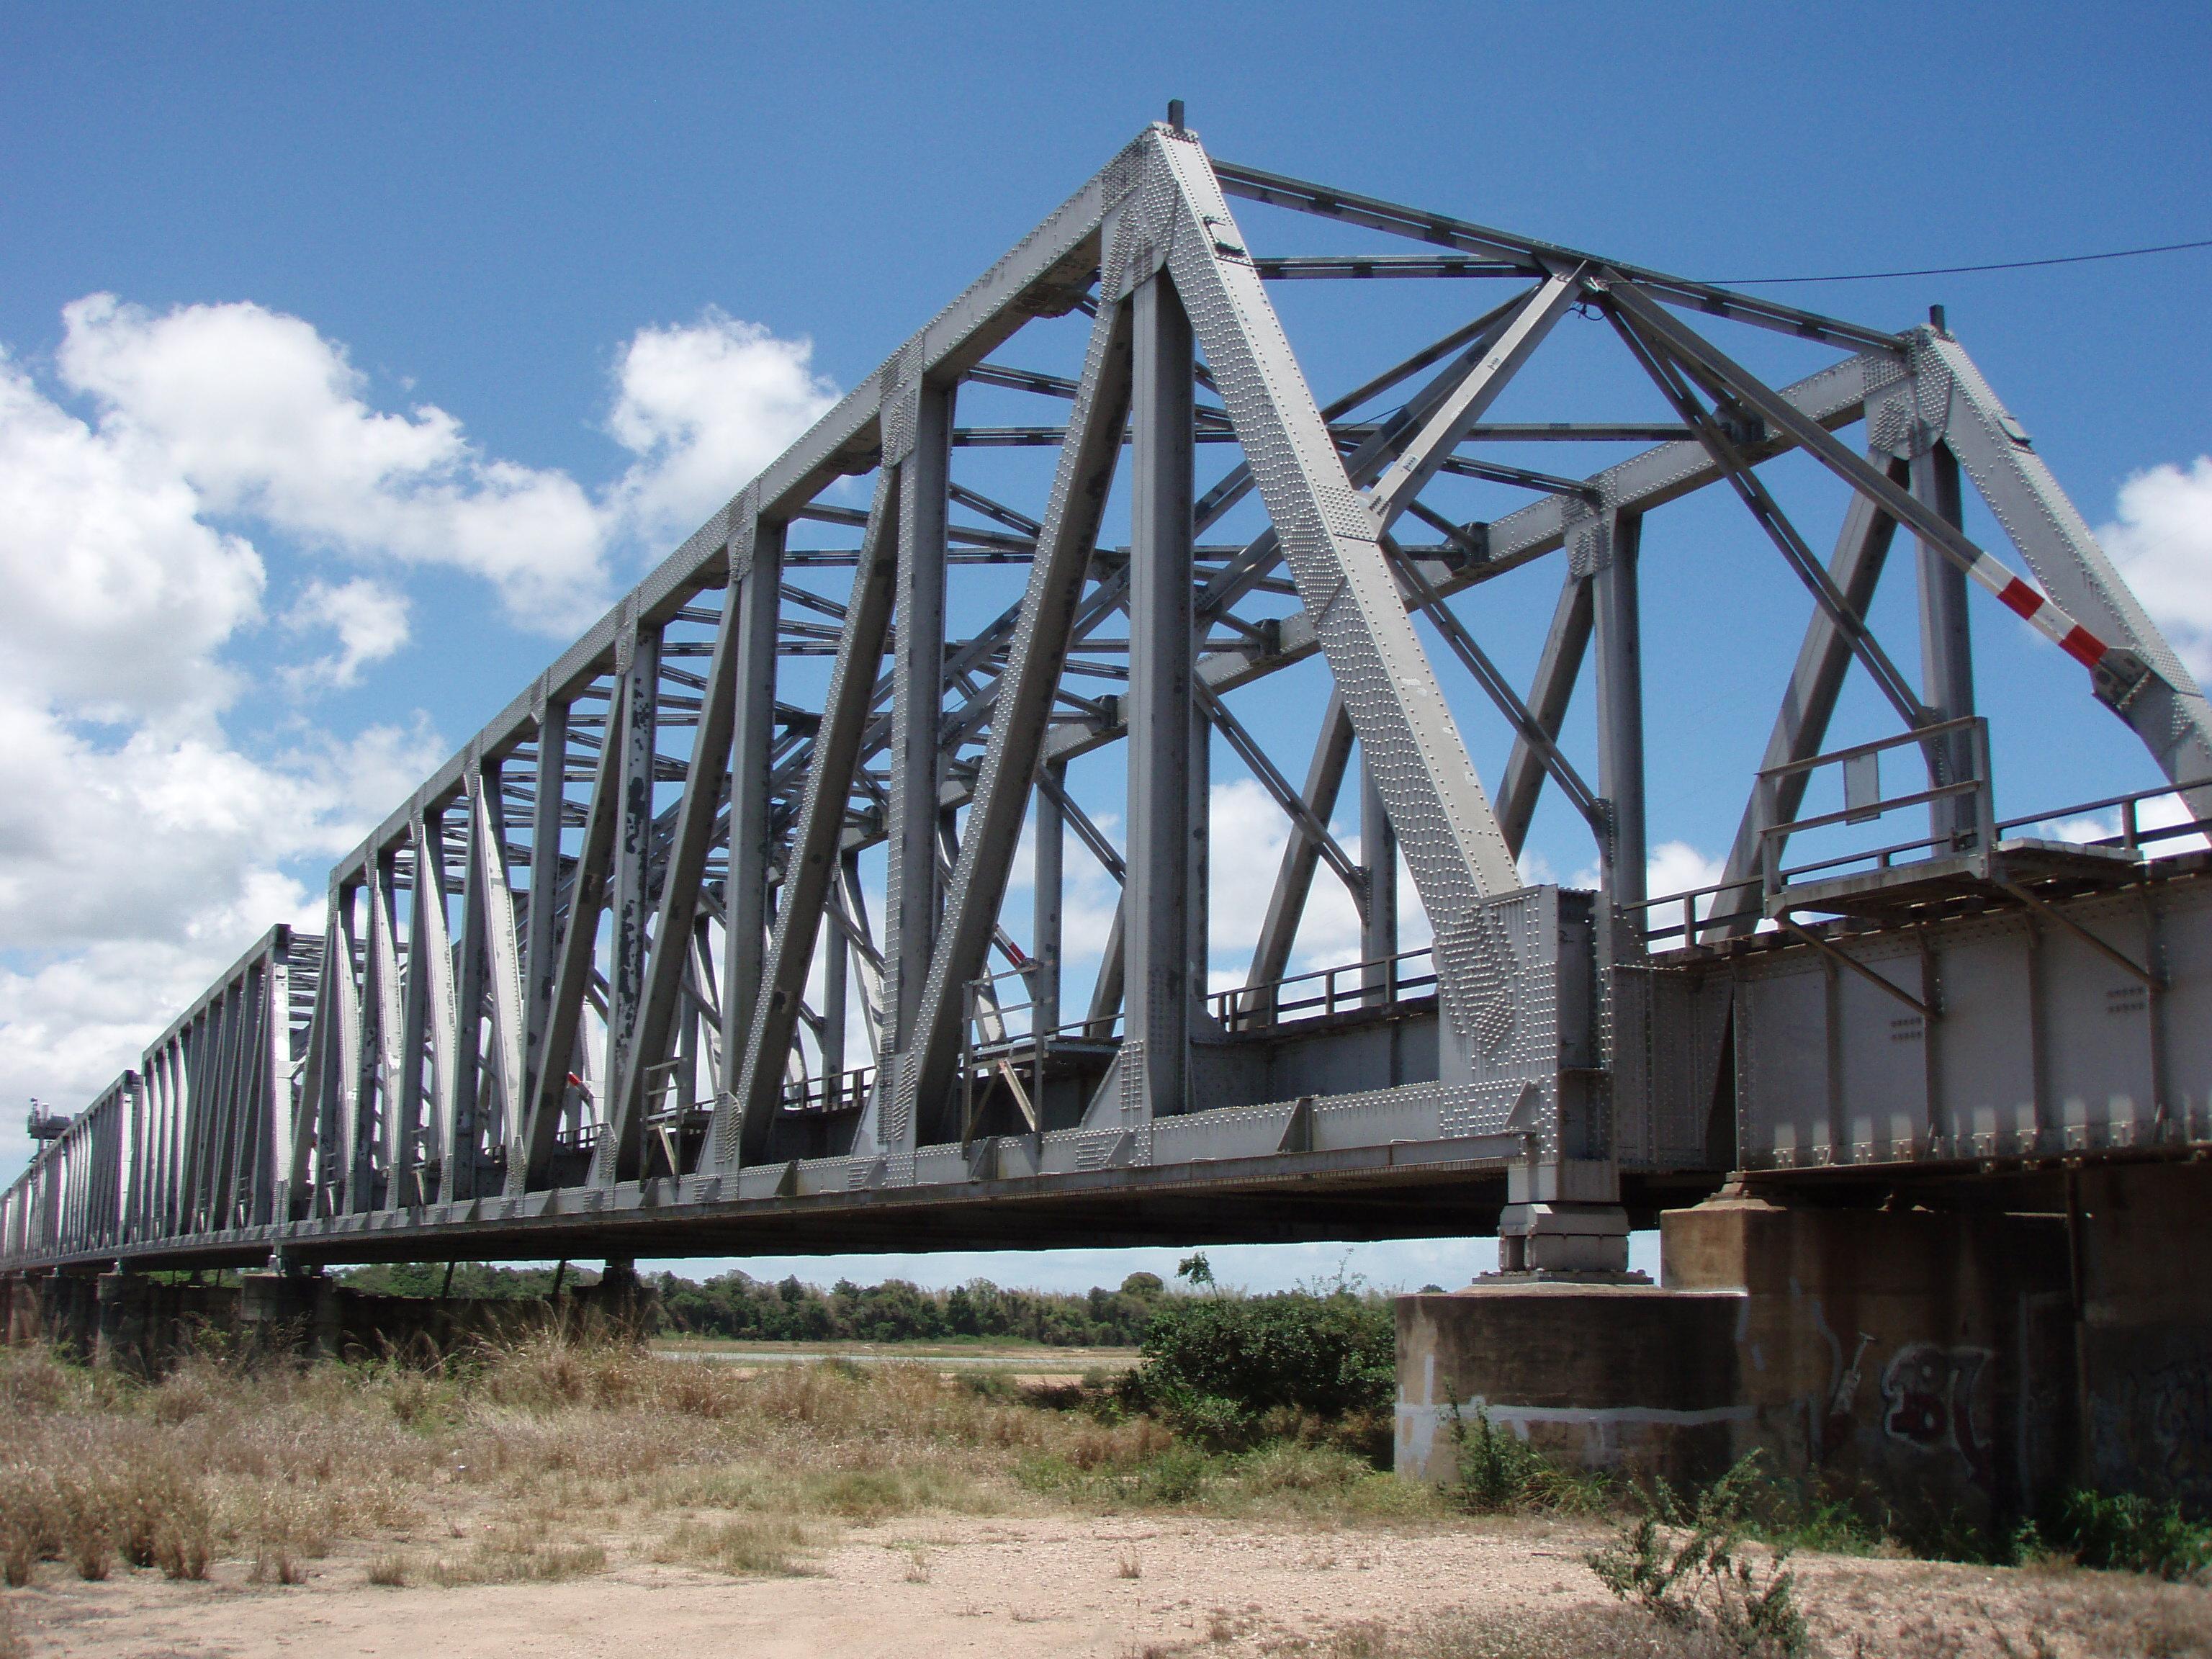 Burdekin sild